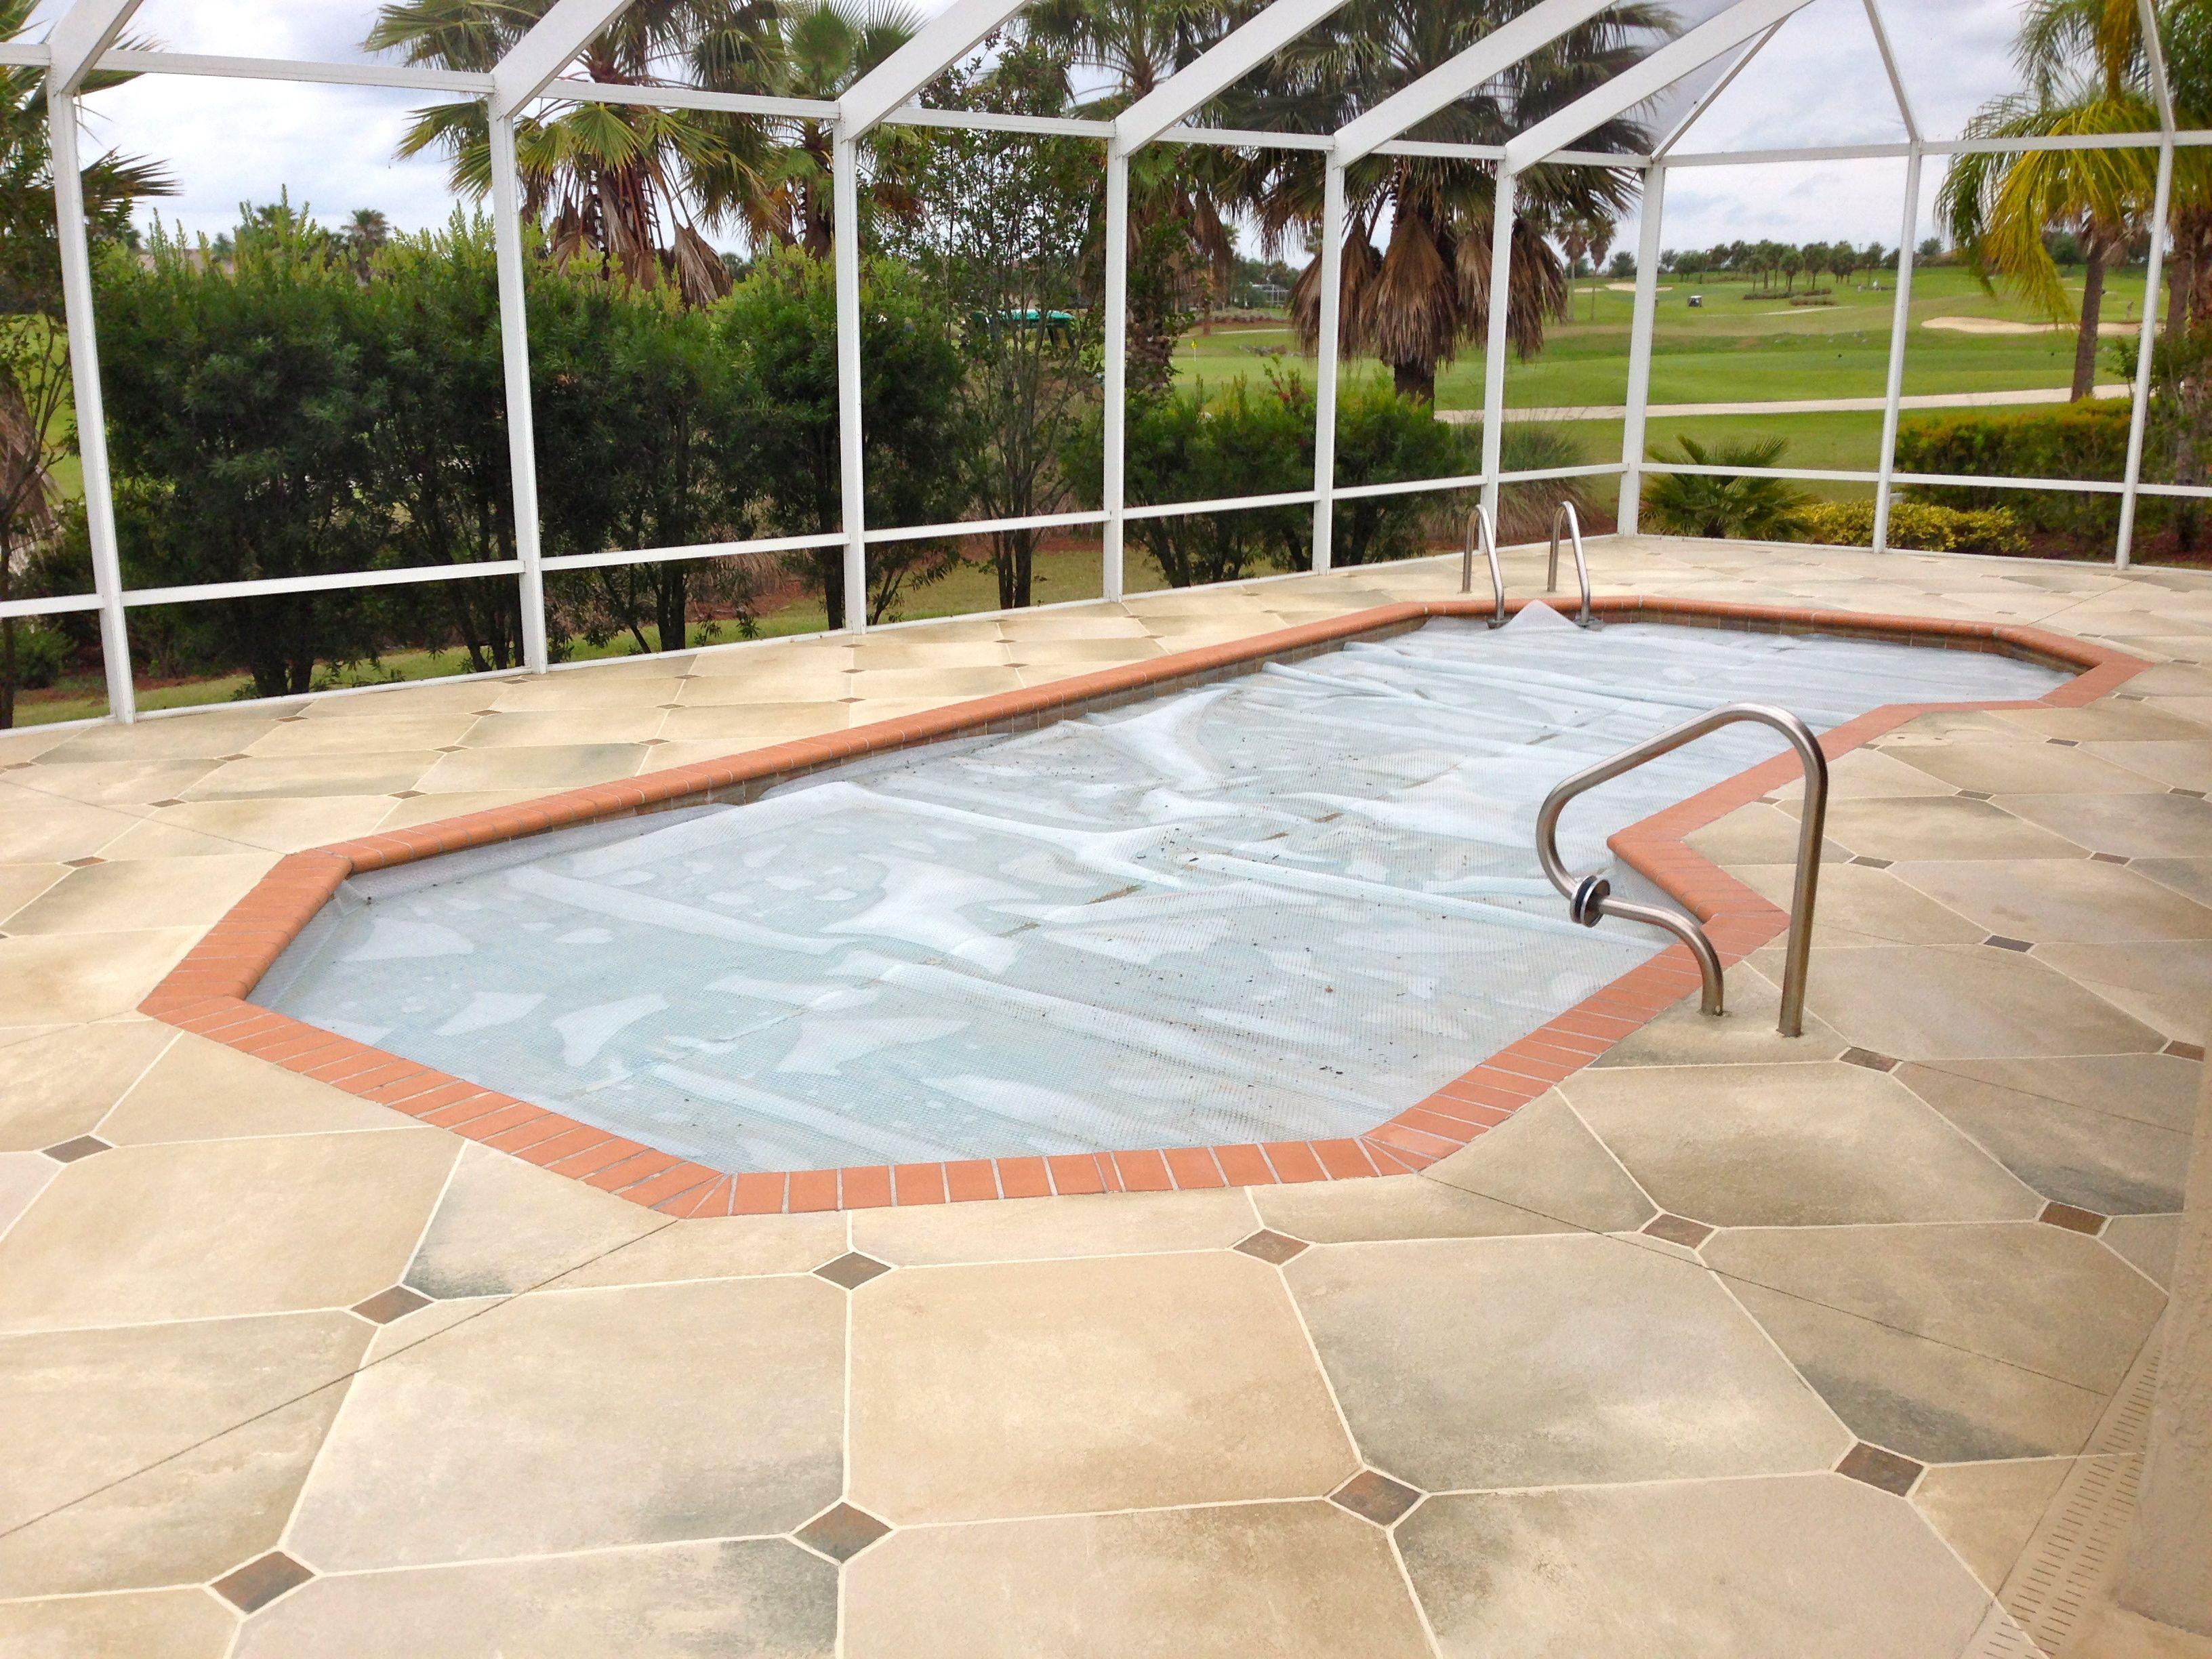 Charming Concrete Pool, Pool Decks, Travertine Tile, Patio, Backyard, Diamond Paint,